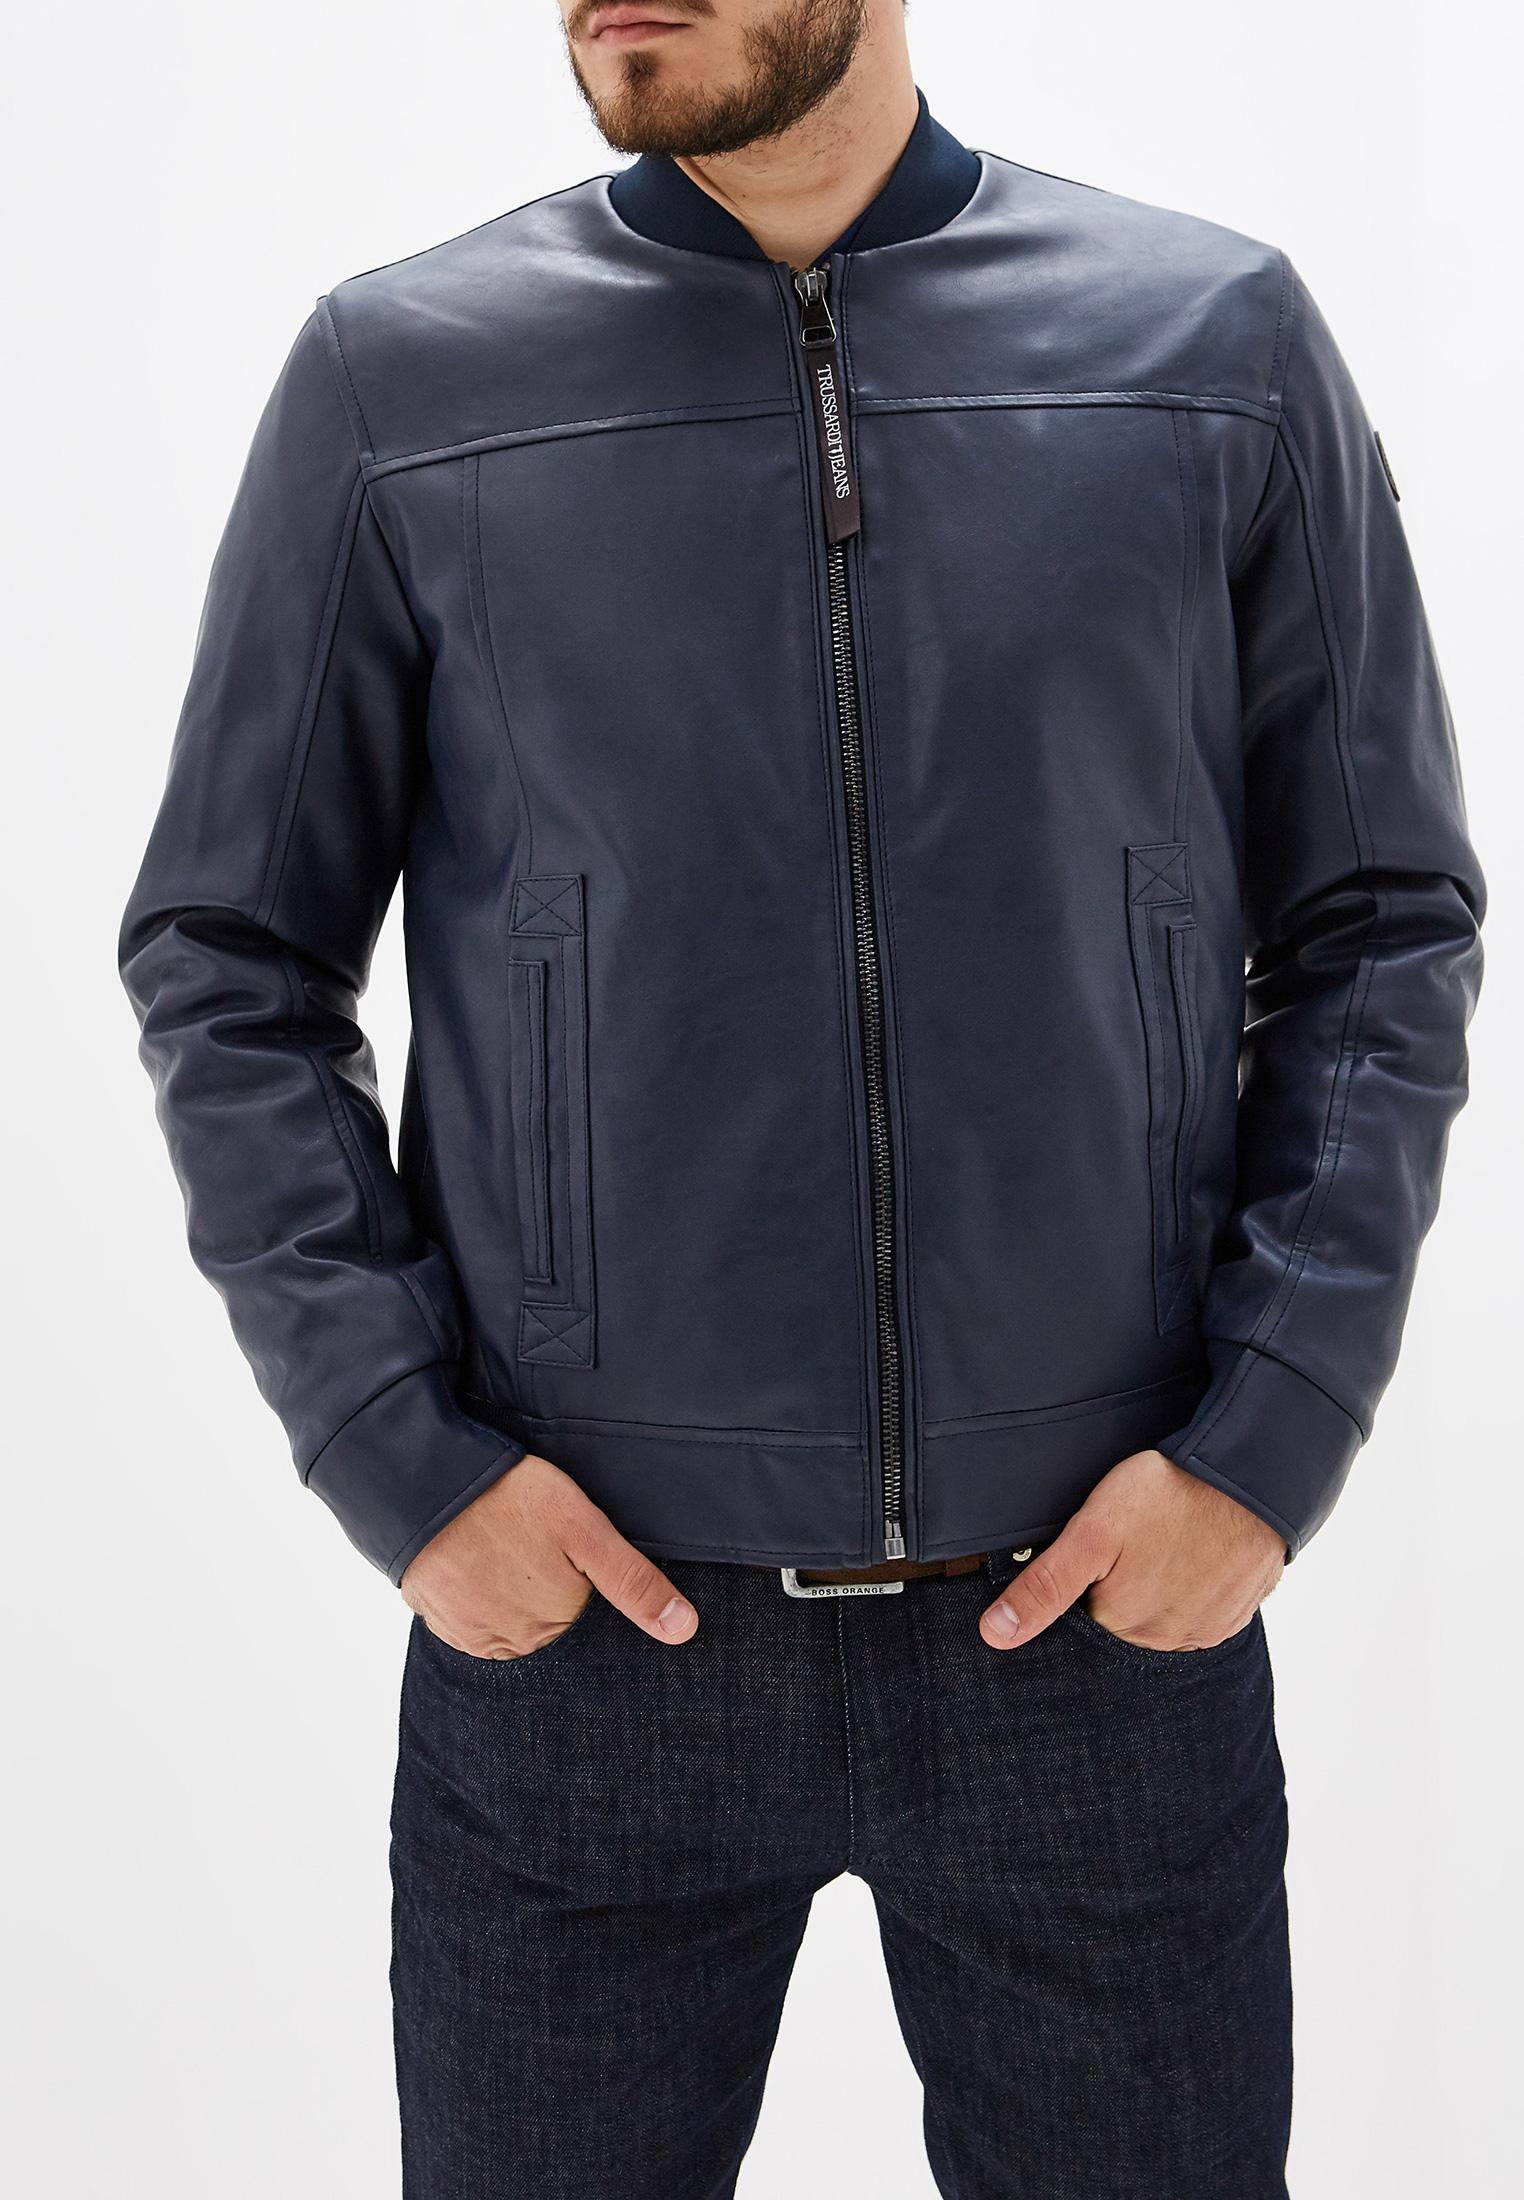 Куртка кожаная, Trussardi Jeans, цвет: синий. Артикул: TR016EMFXDA9. Одежда / Верхняя одежда / Кожаные куртки